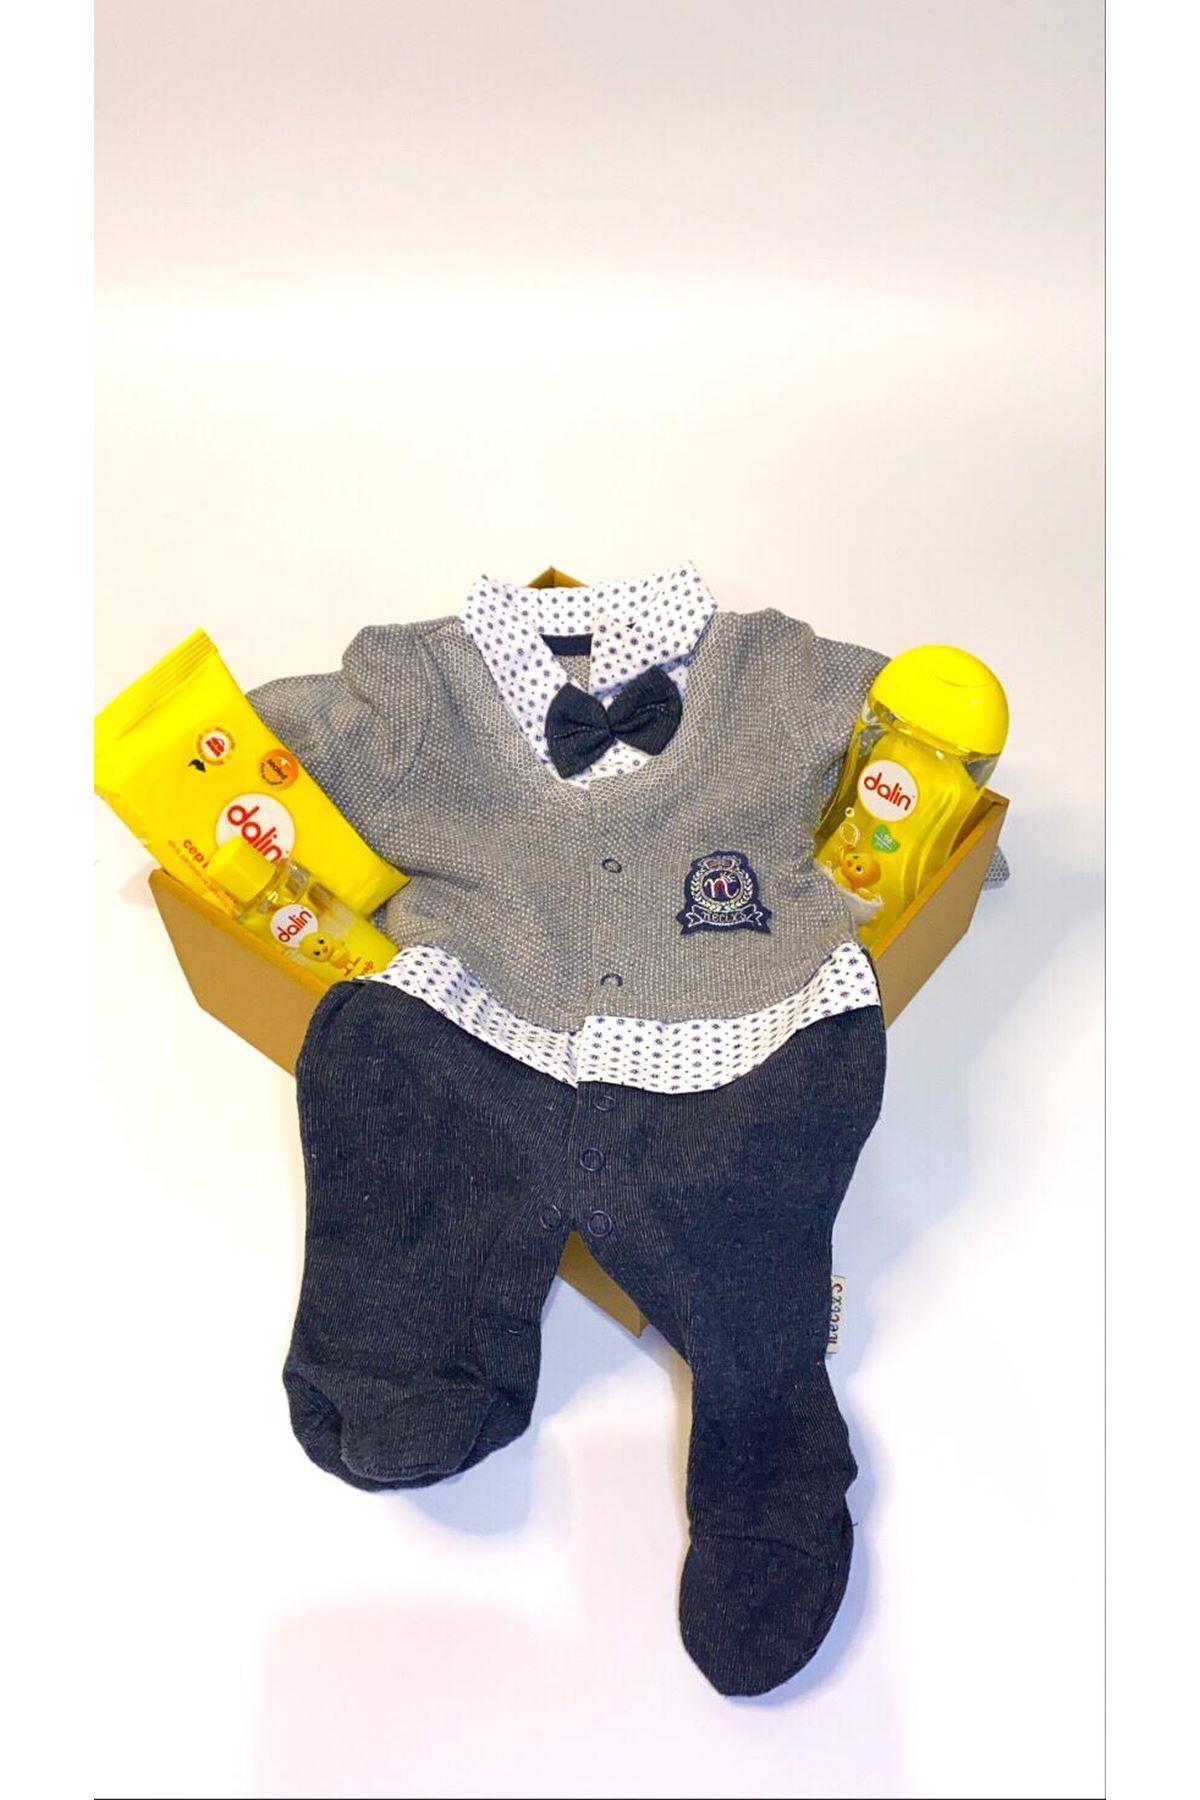 Dalinli ve Kendinden Hırkalı Gri Laci Papyonlu Triko Tulum Bebek Hediye Kutusu